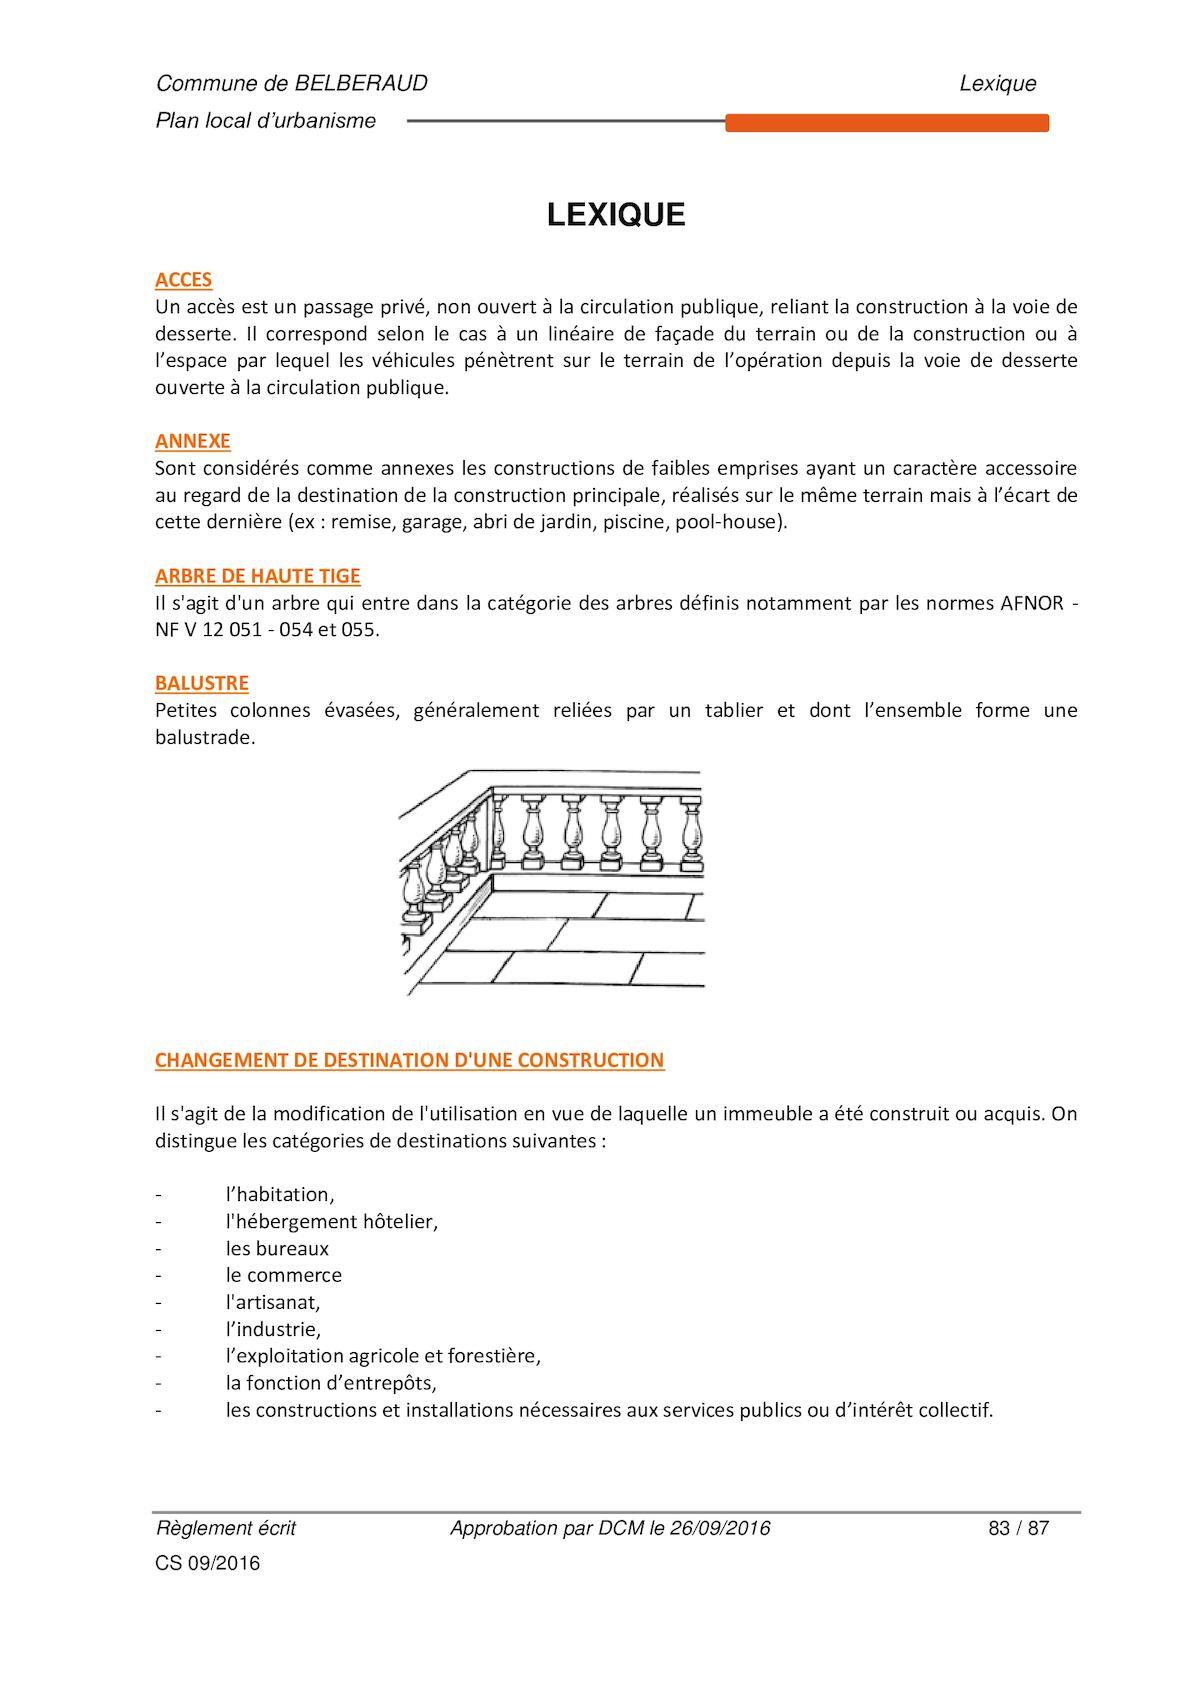 Plan Ou Photo Pool House Pour Piscine 4 1 réglement écrit - calameo downloader